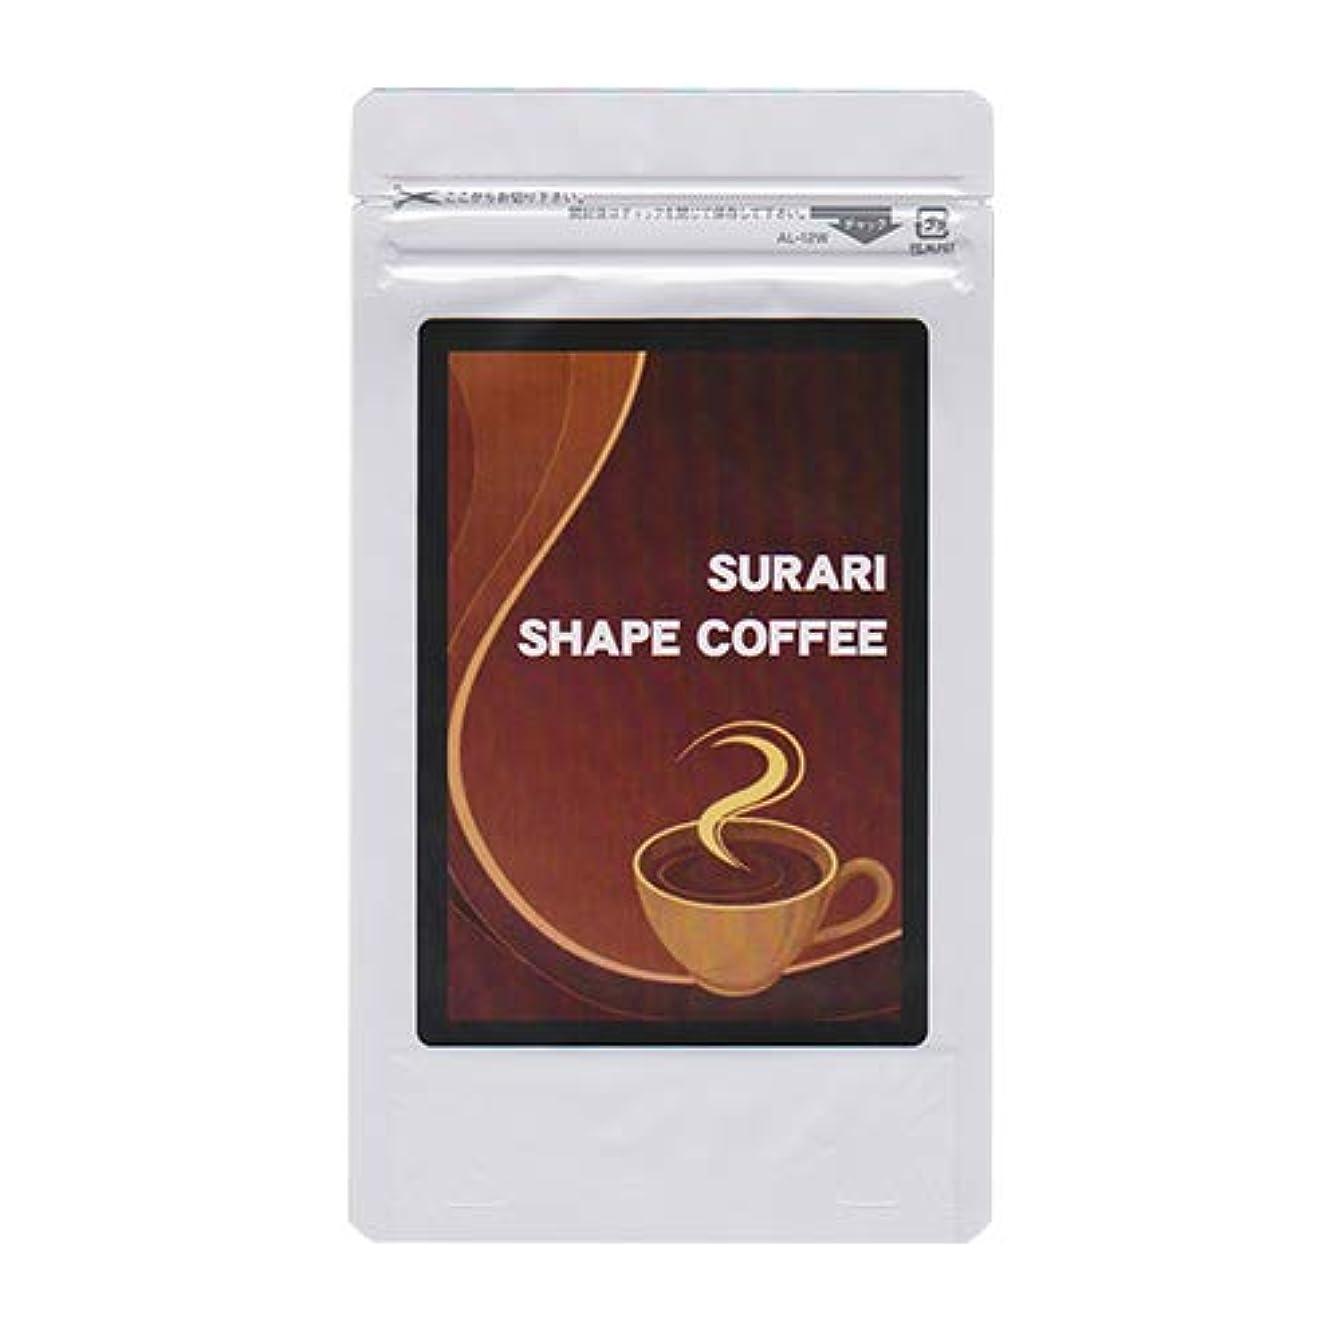 教養がある痴漢任意SURARI SHAPE COFFEE スラリシェイプコーヒー ダイエットコーヒー